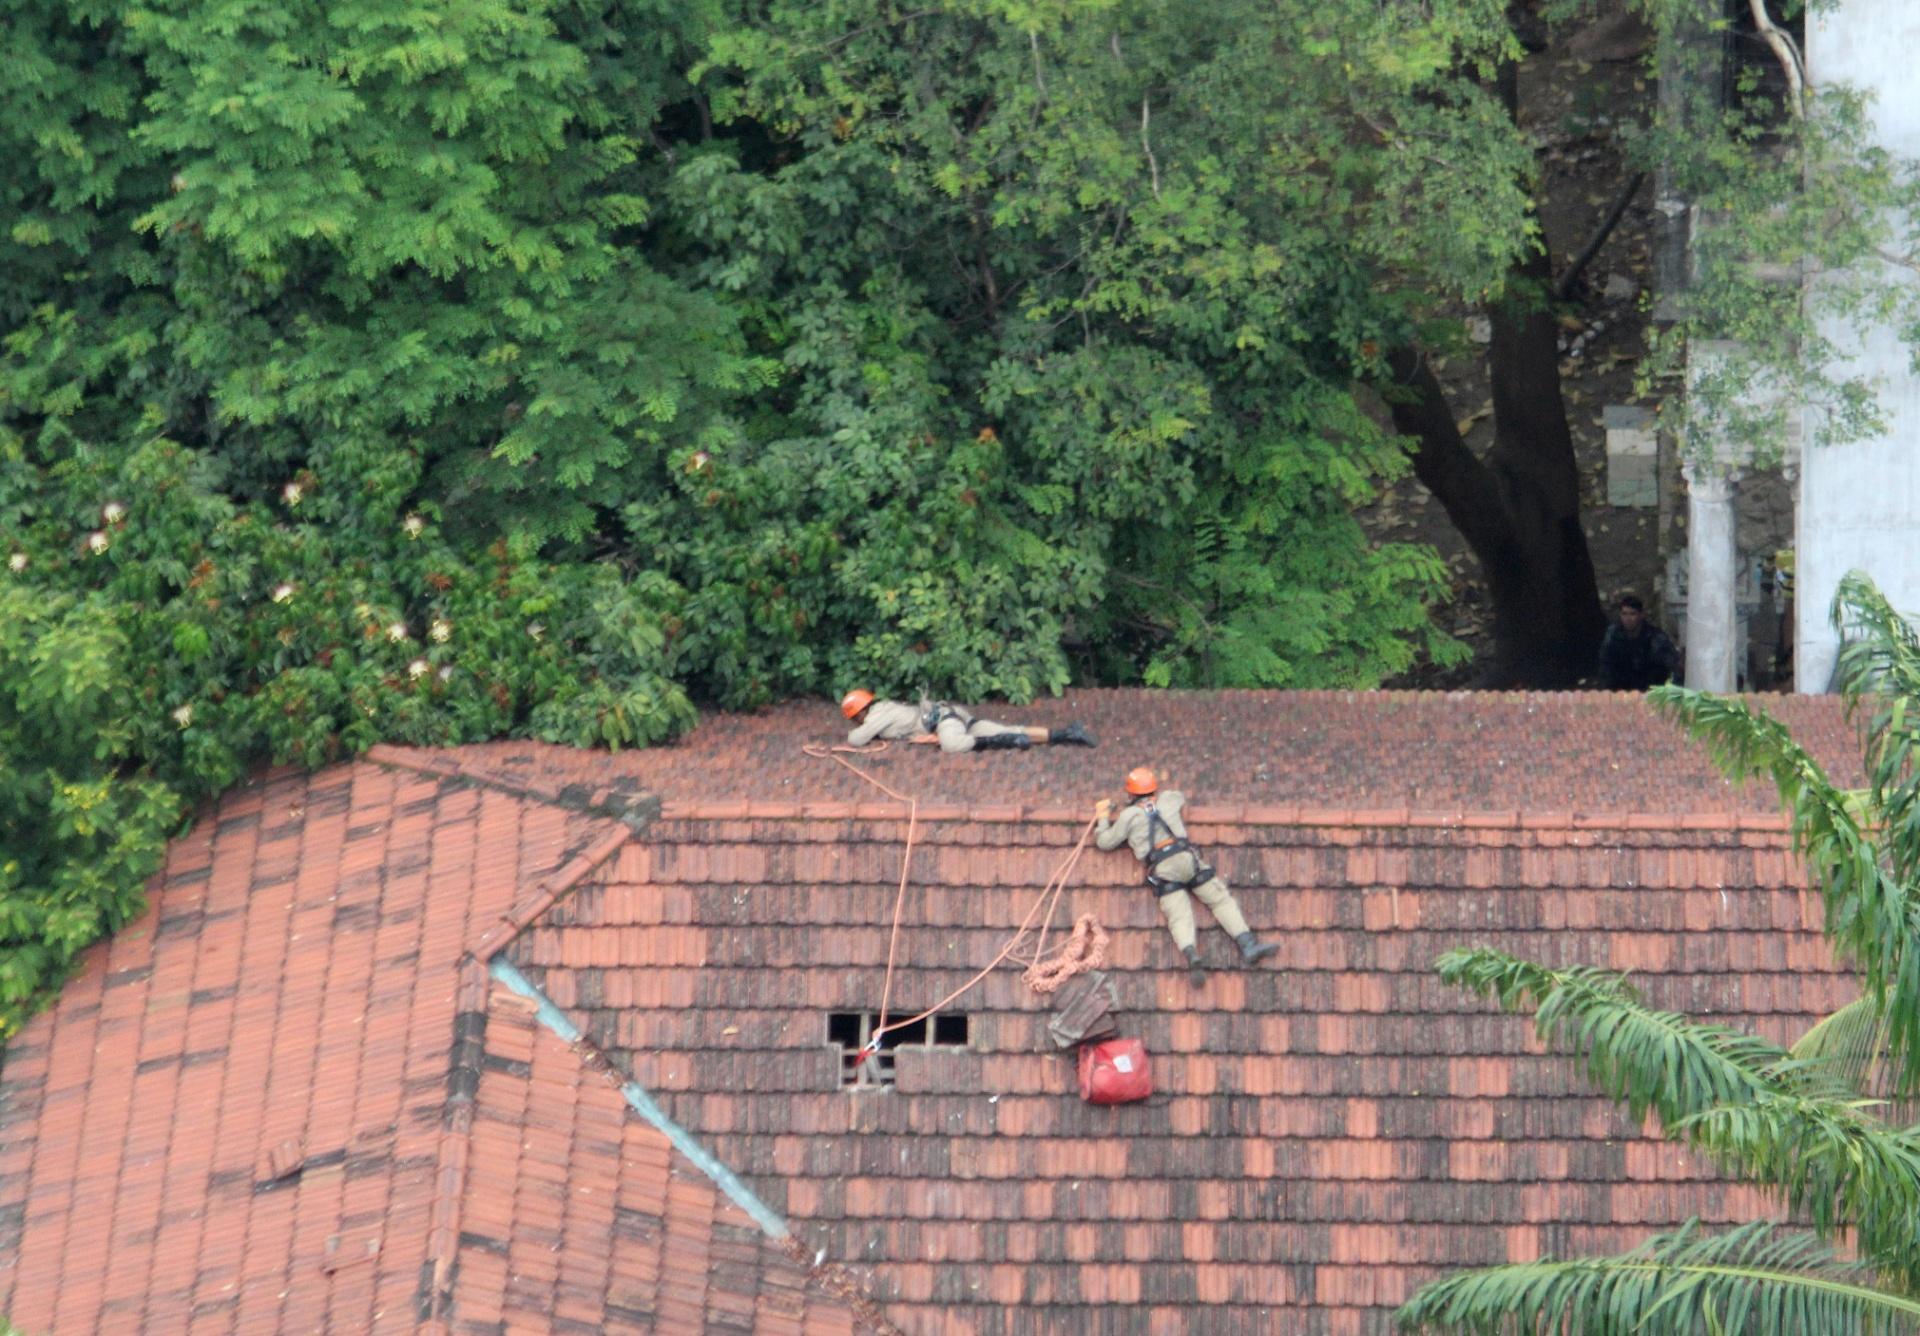 17.dez.2013 - Bombeiros sobem em telhado de prédio para tentar retirar o índio Urutau José Guajajara de uma árvore no terreno do antigo Museu do Índio, no Complexo do Maracanã, zona norte do Rio de Janeiro